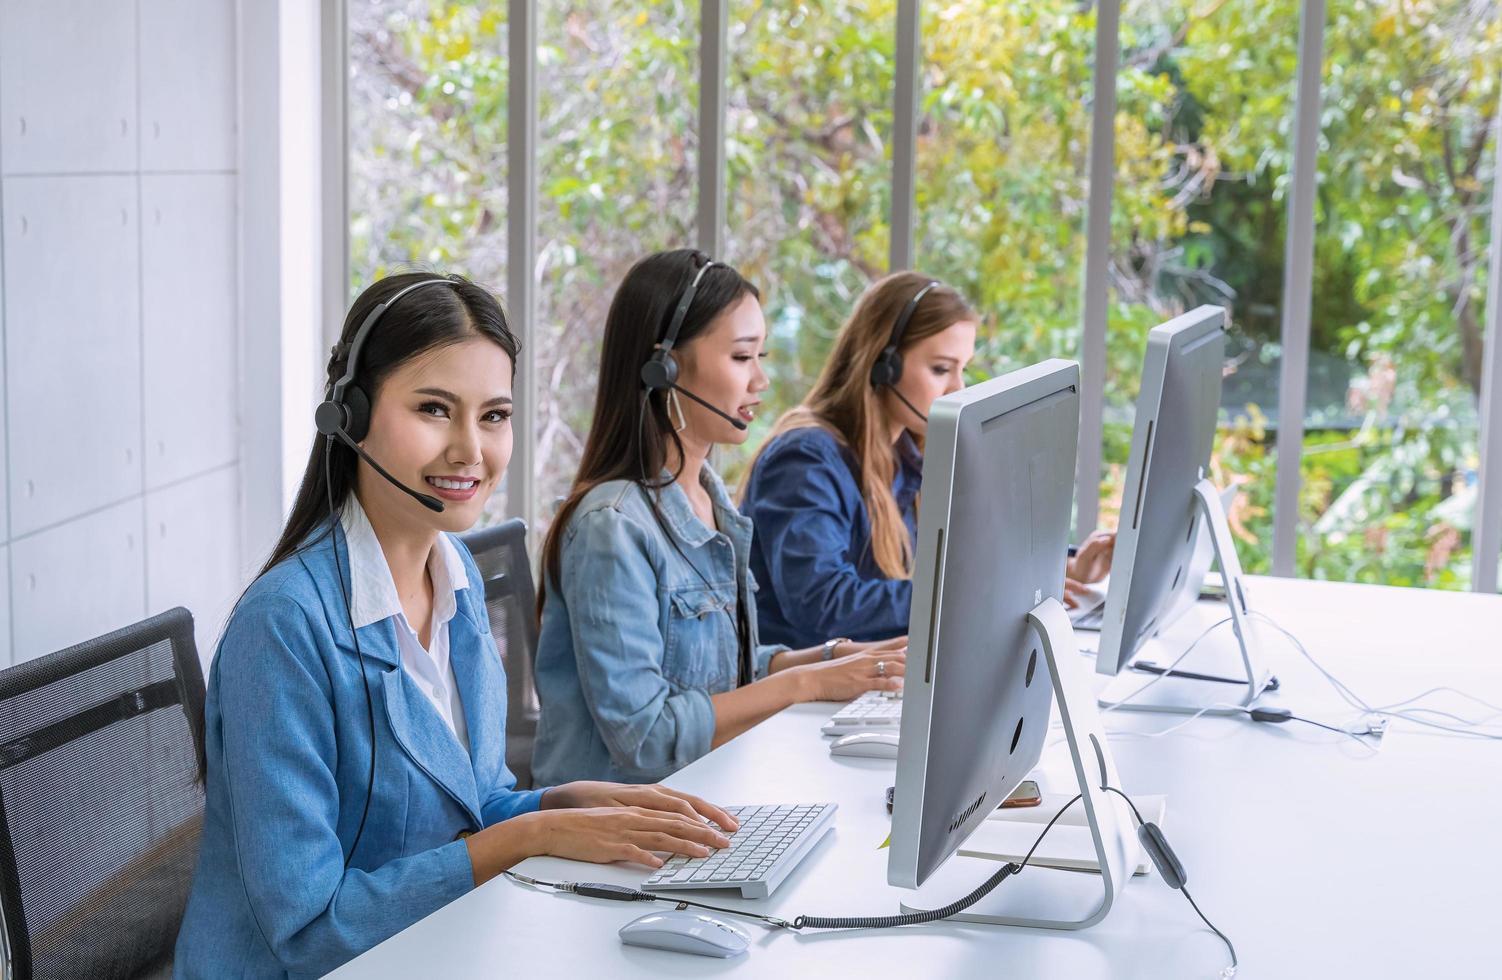 jonge professionals die werken in een kantoor foto